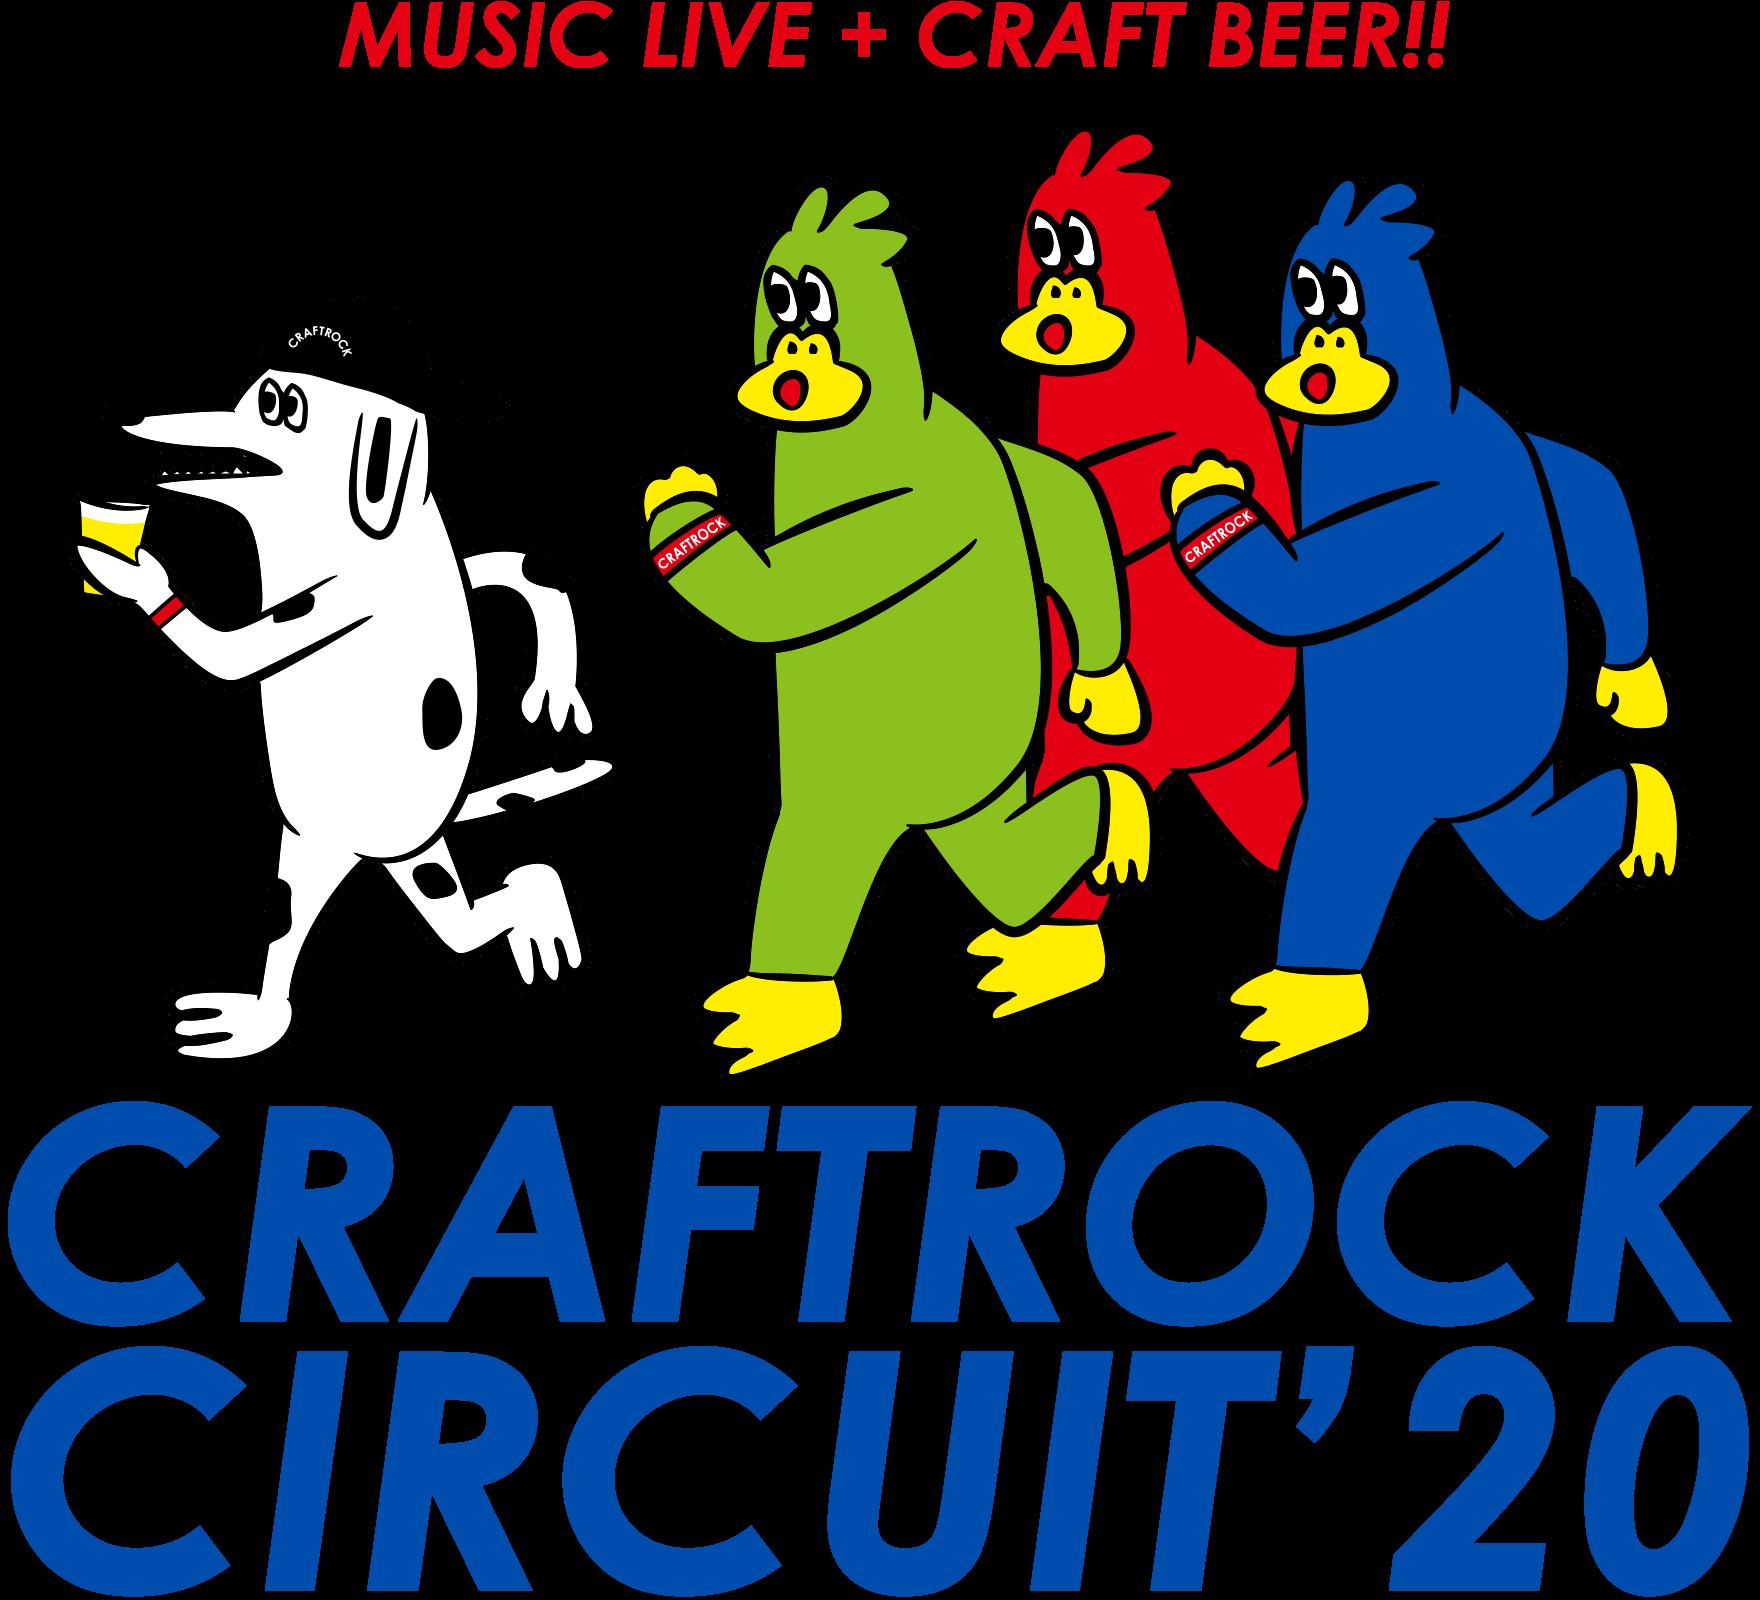 CRAFTROCK CIRCUIT '20